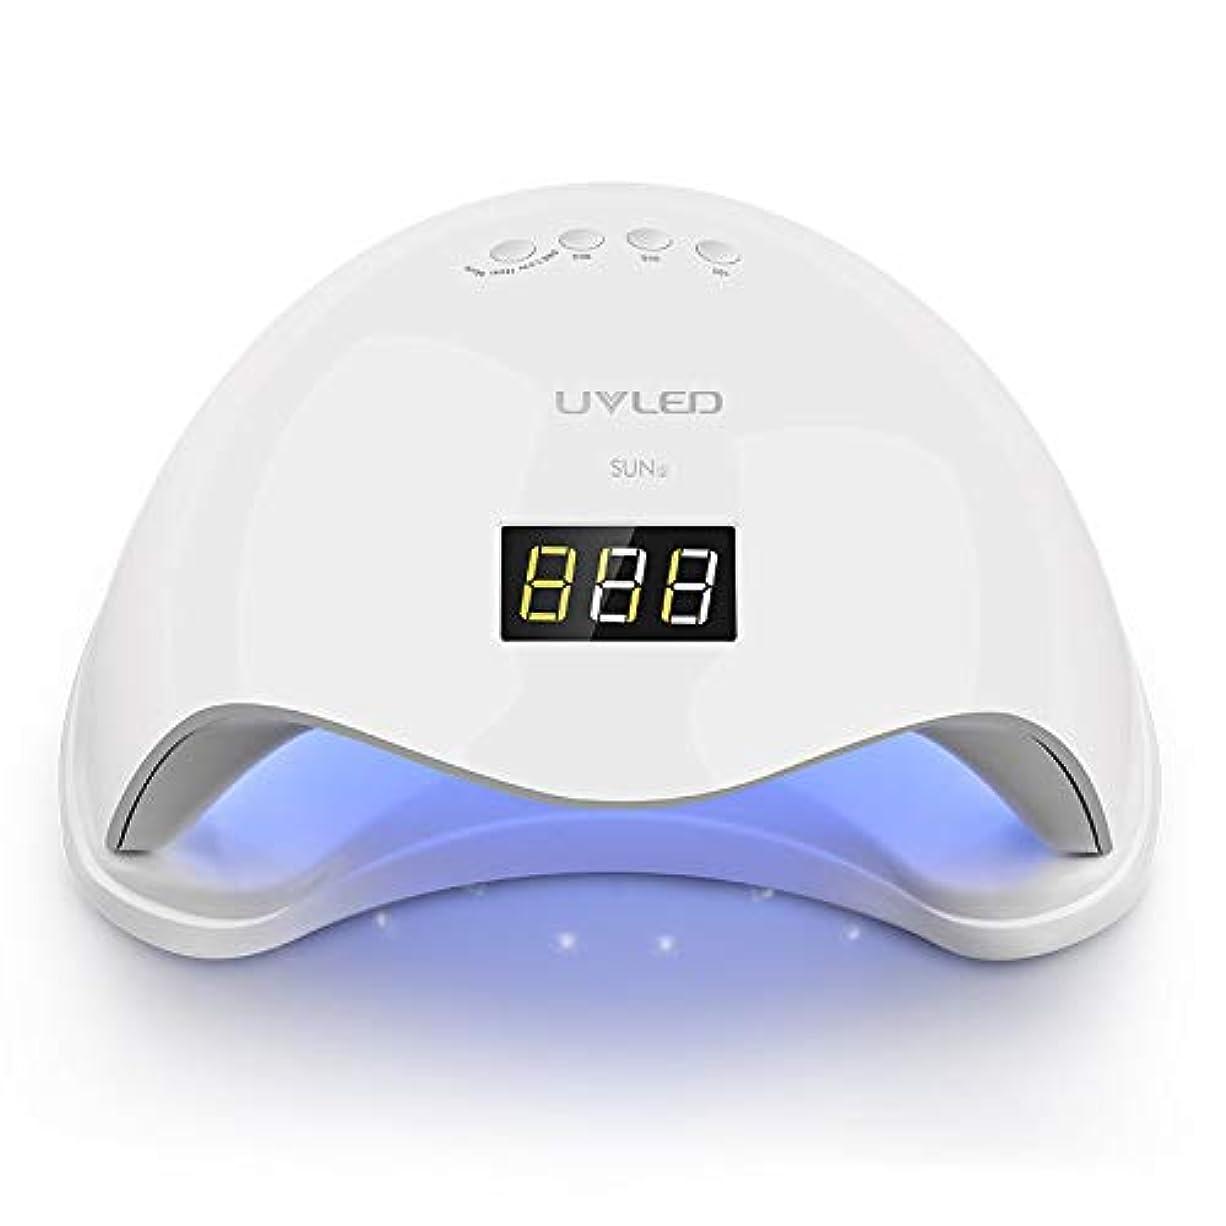 徹底的にパン意識48W USB UV LEDネイルライトネイルドライヤー硬化ゲルポーランド、インテリジェント自動センサー3タイマー設定